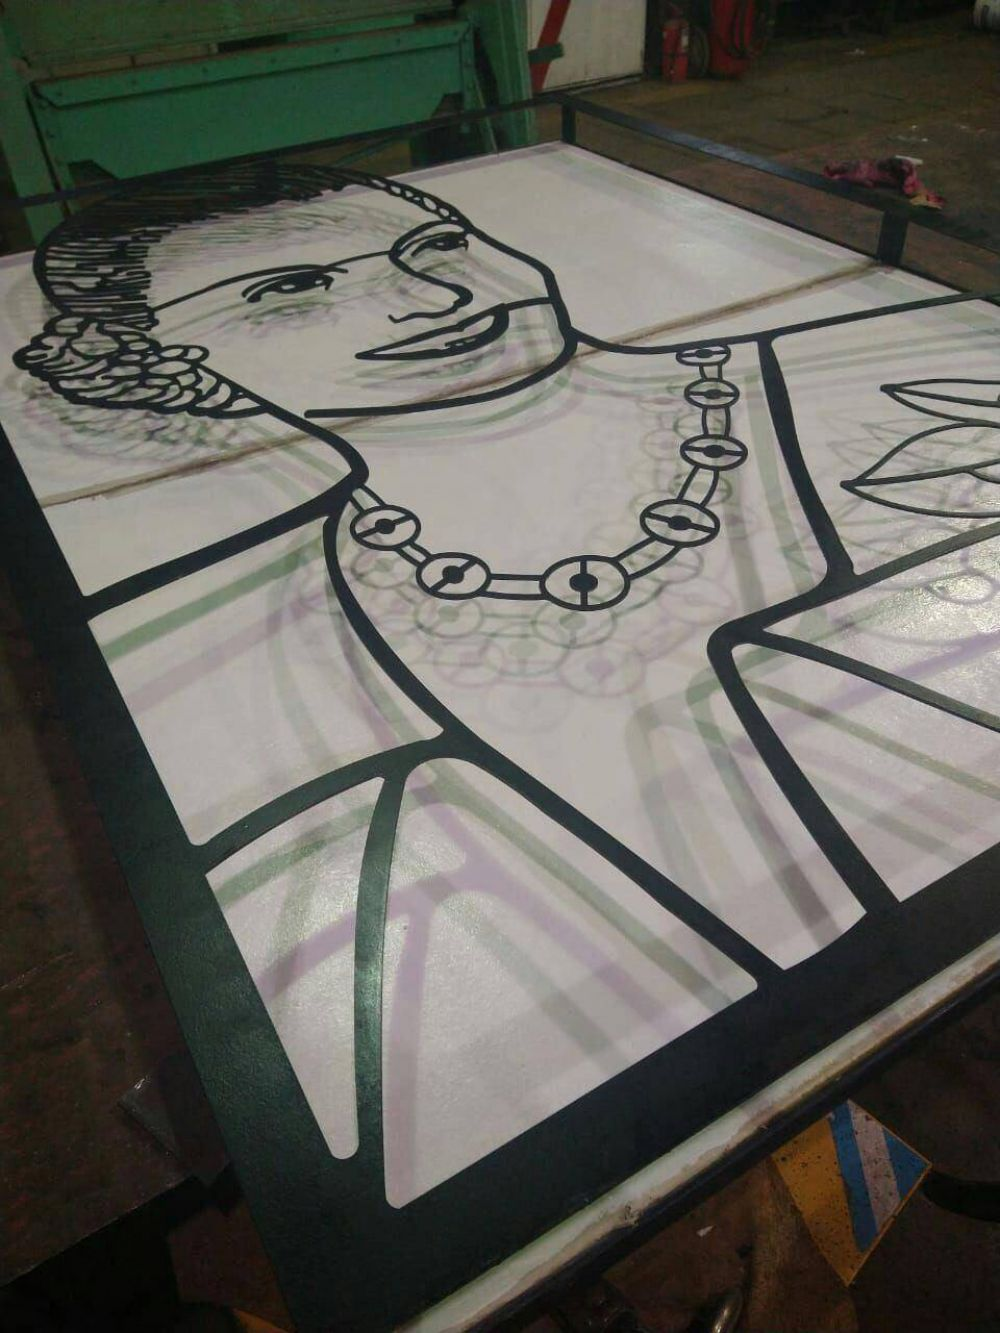 Eva Santa Del Pueblo: Colocarán escultura de Eva Perón en recuerdo de su memoria